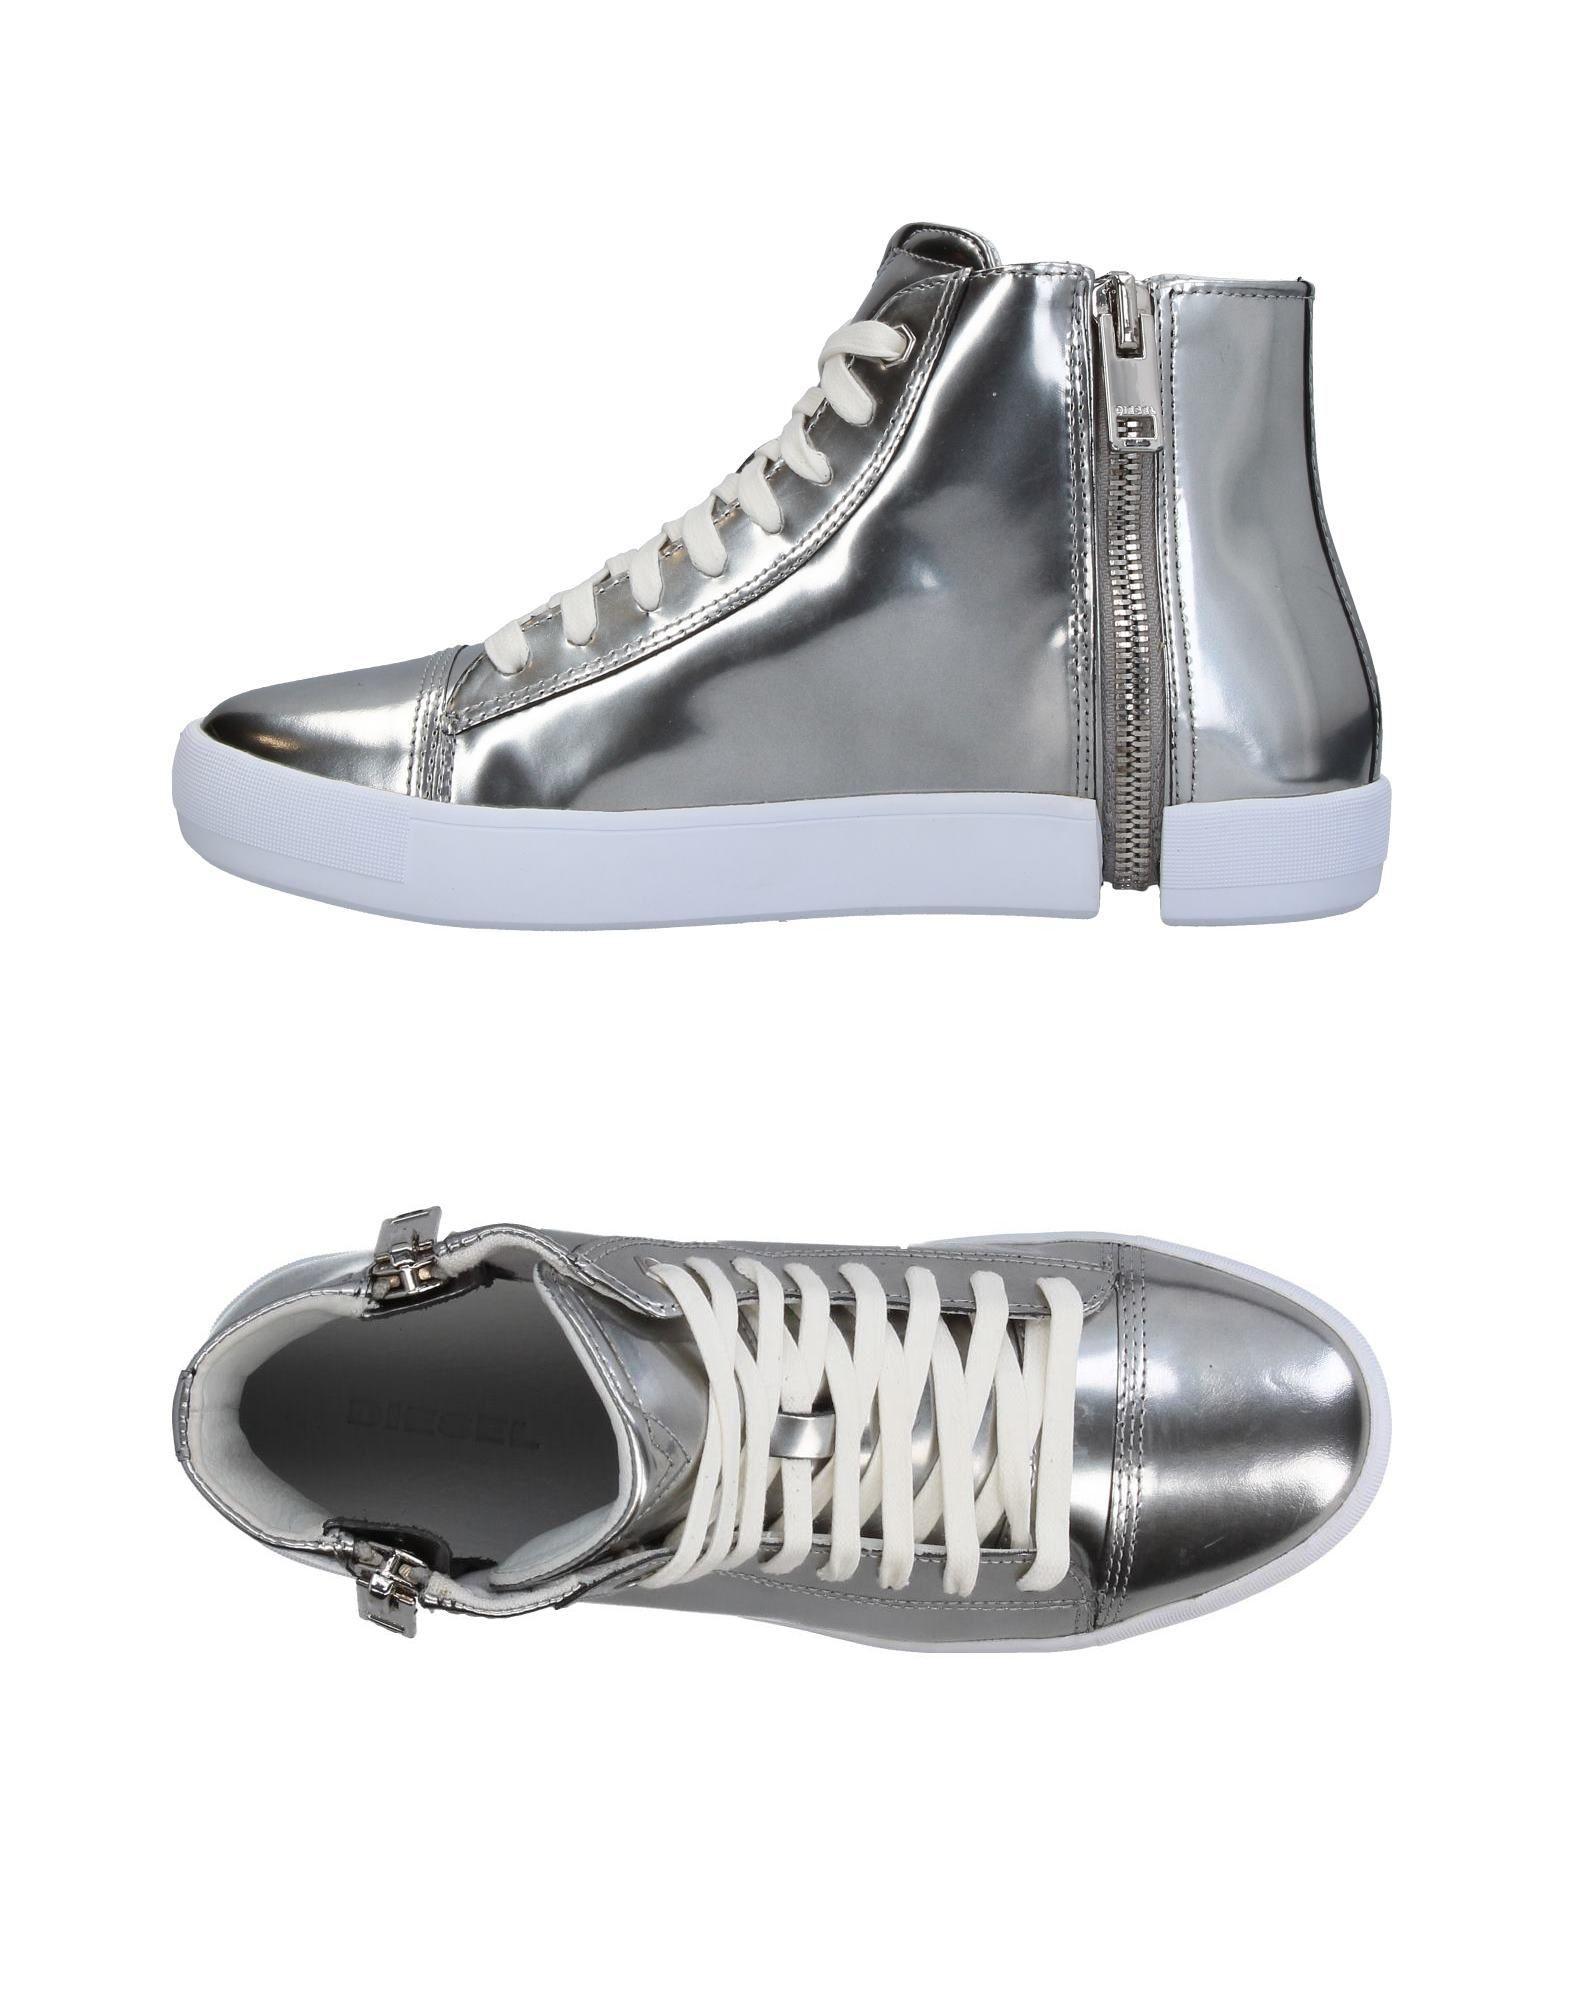 Nuevos mujeres, zapatos para hombres y mujeres, Nuevos descuento por tiempo limitado Zapatillas Diesel Mujer - Zapatillas Diesel  Plata 1ac796